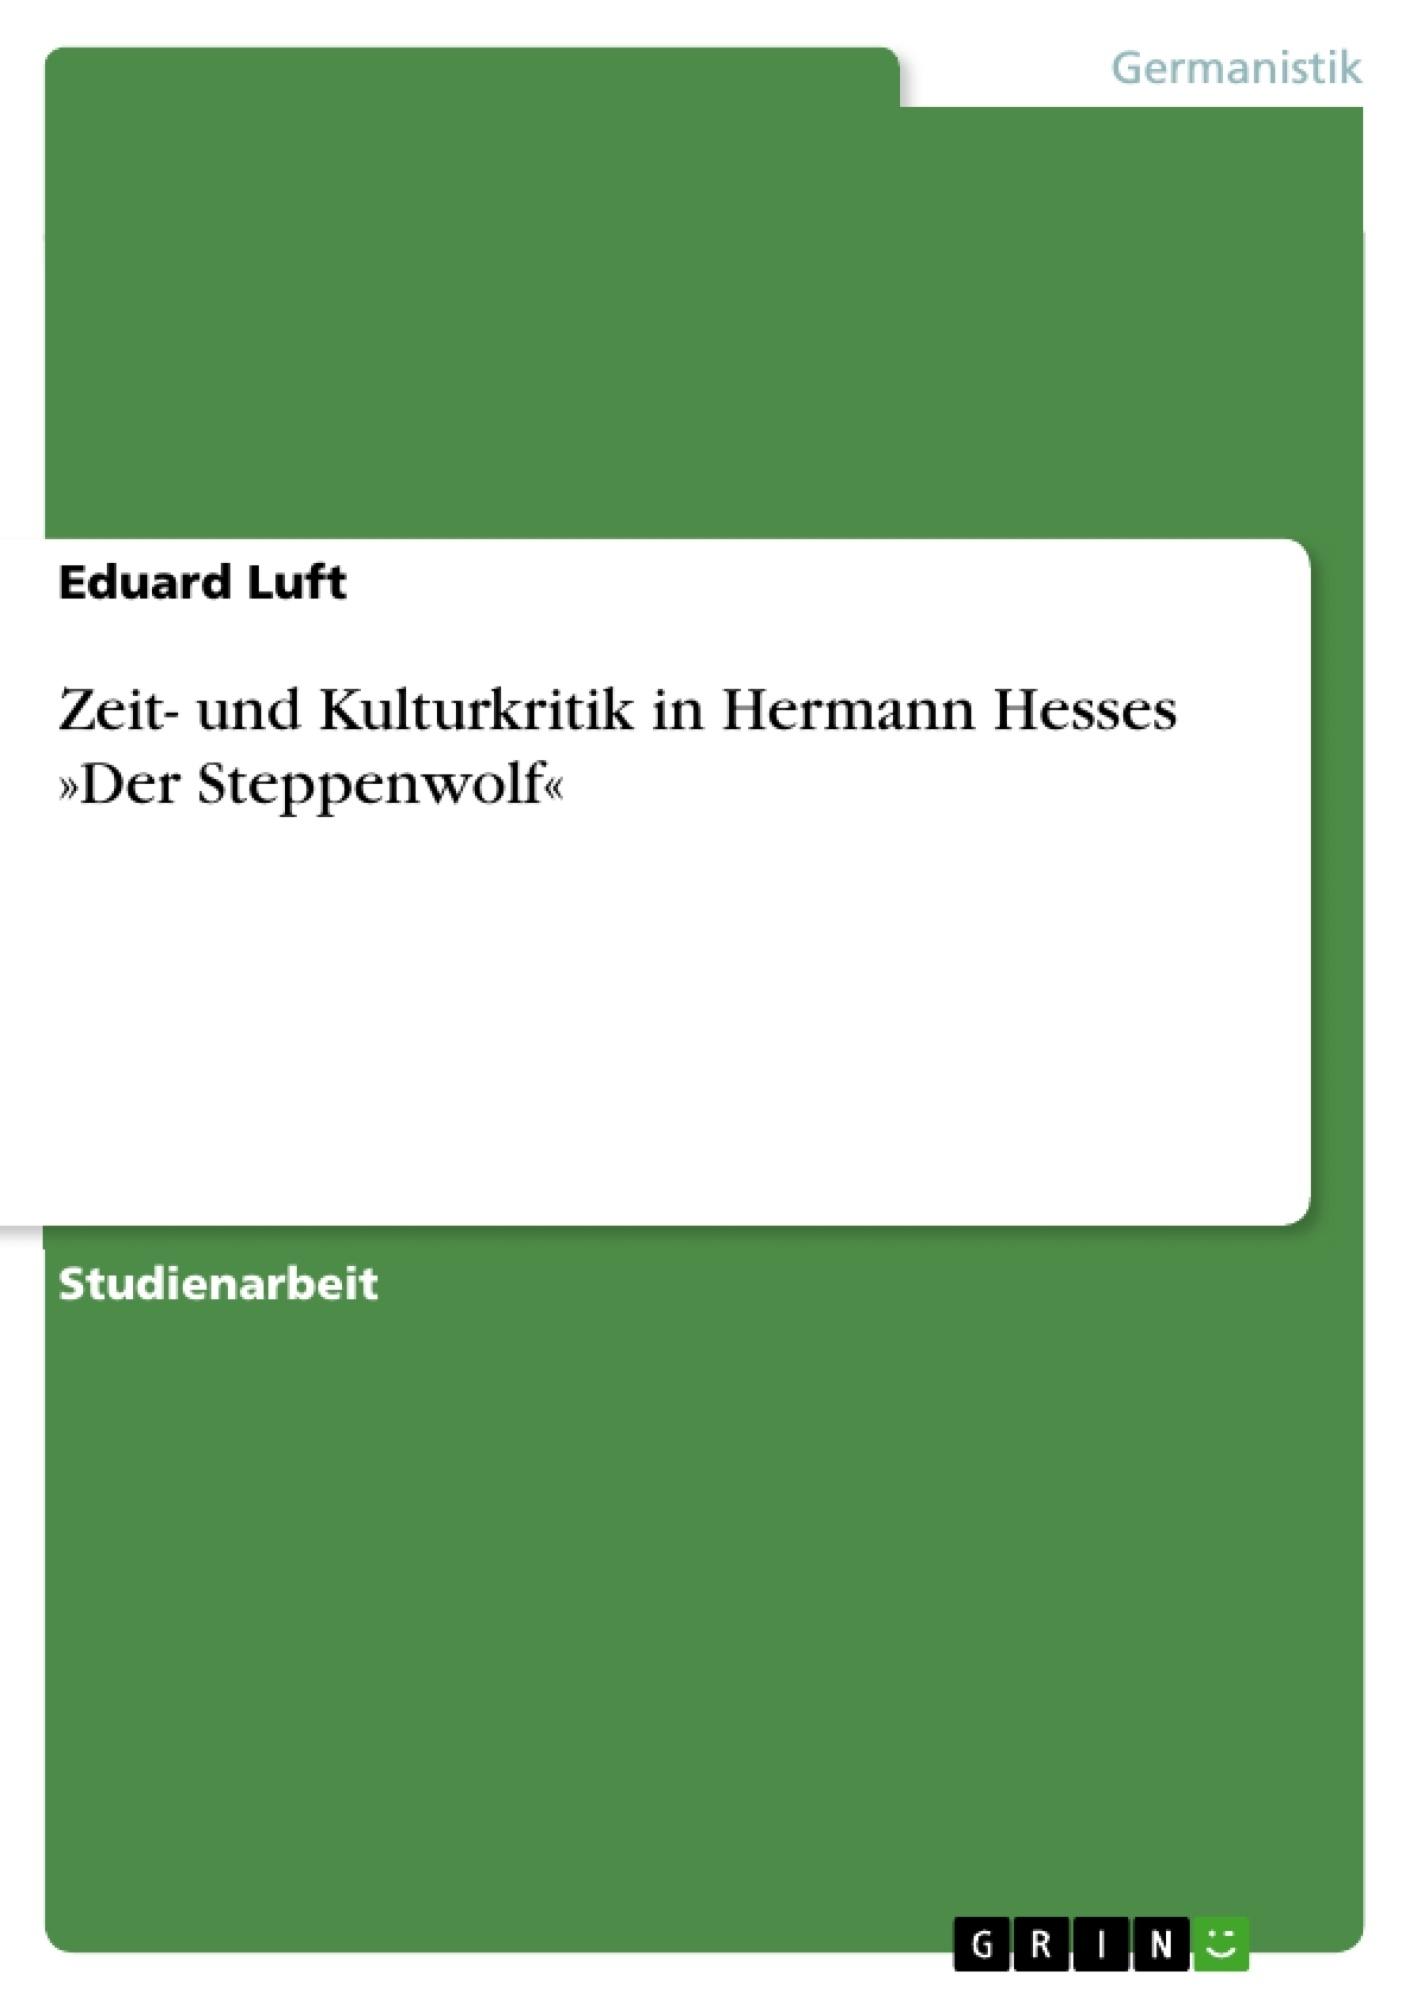 Titel: Zeit- und Kulturkritik in Hermann Hesses »Der Steppenwolf«